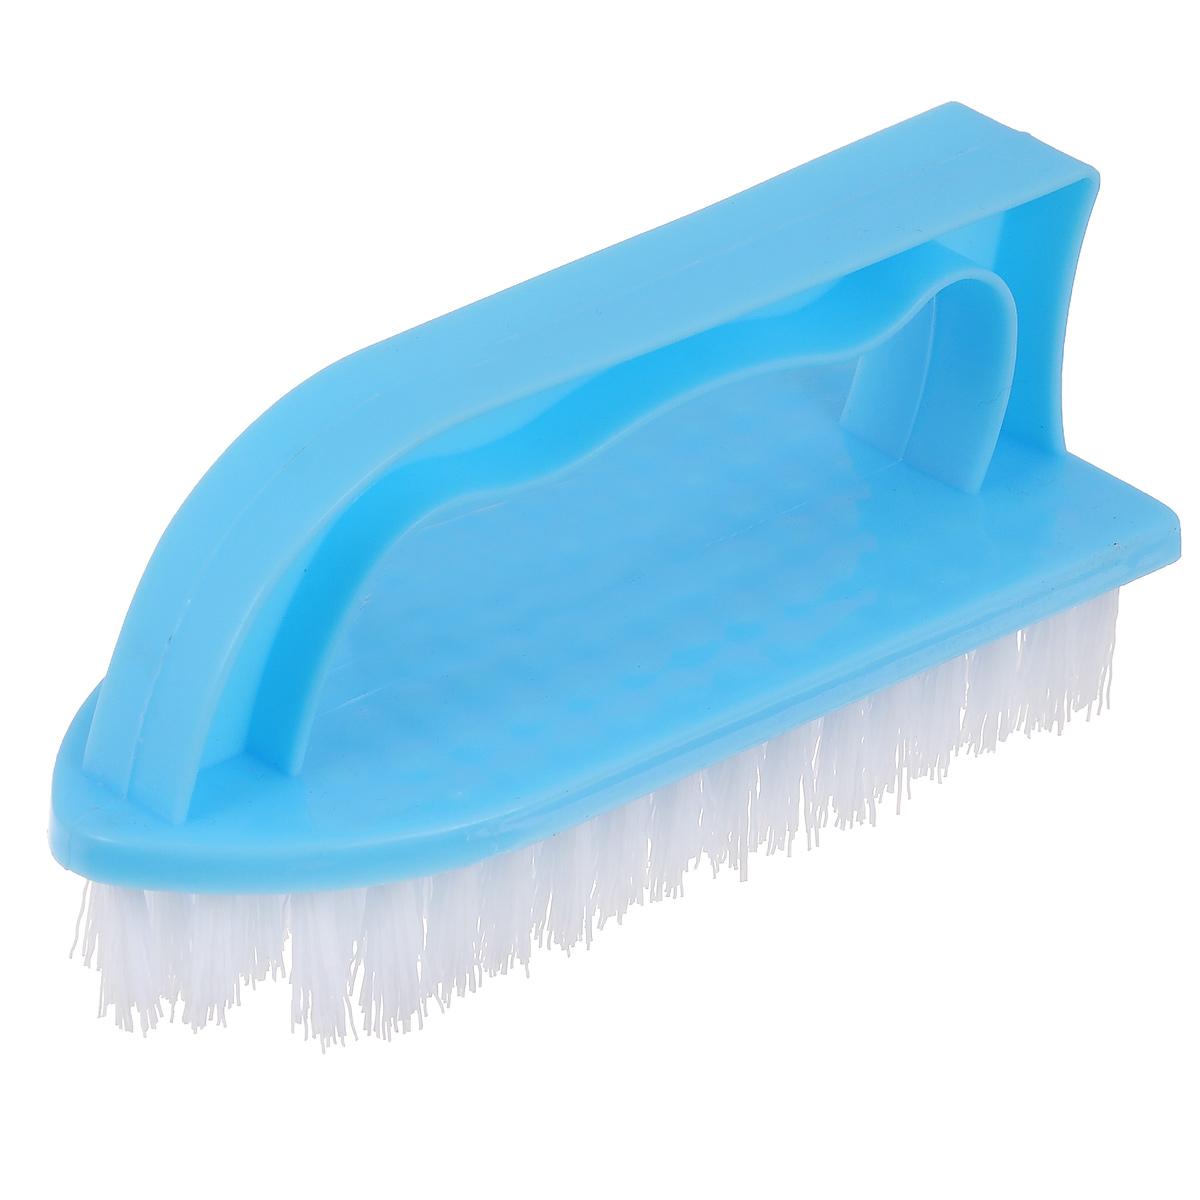 Щетка Home Queen Утюг, универсальная, цвет: голубой. 8787Щетка Home Queen Утюг, выполненная из полипропилена и нейлона, является универсальной щеткой для очистки поверхностей ванной комнаты и кухни. Оснащена удобной ручкой.Длина ворсинок: 2,5 см.